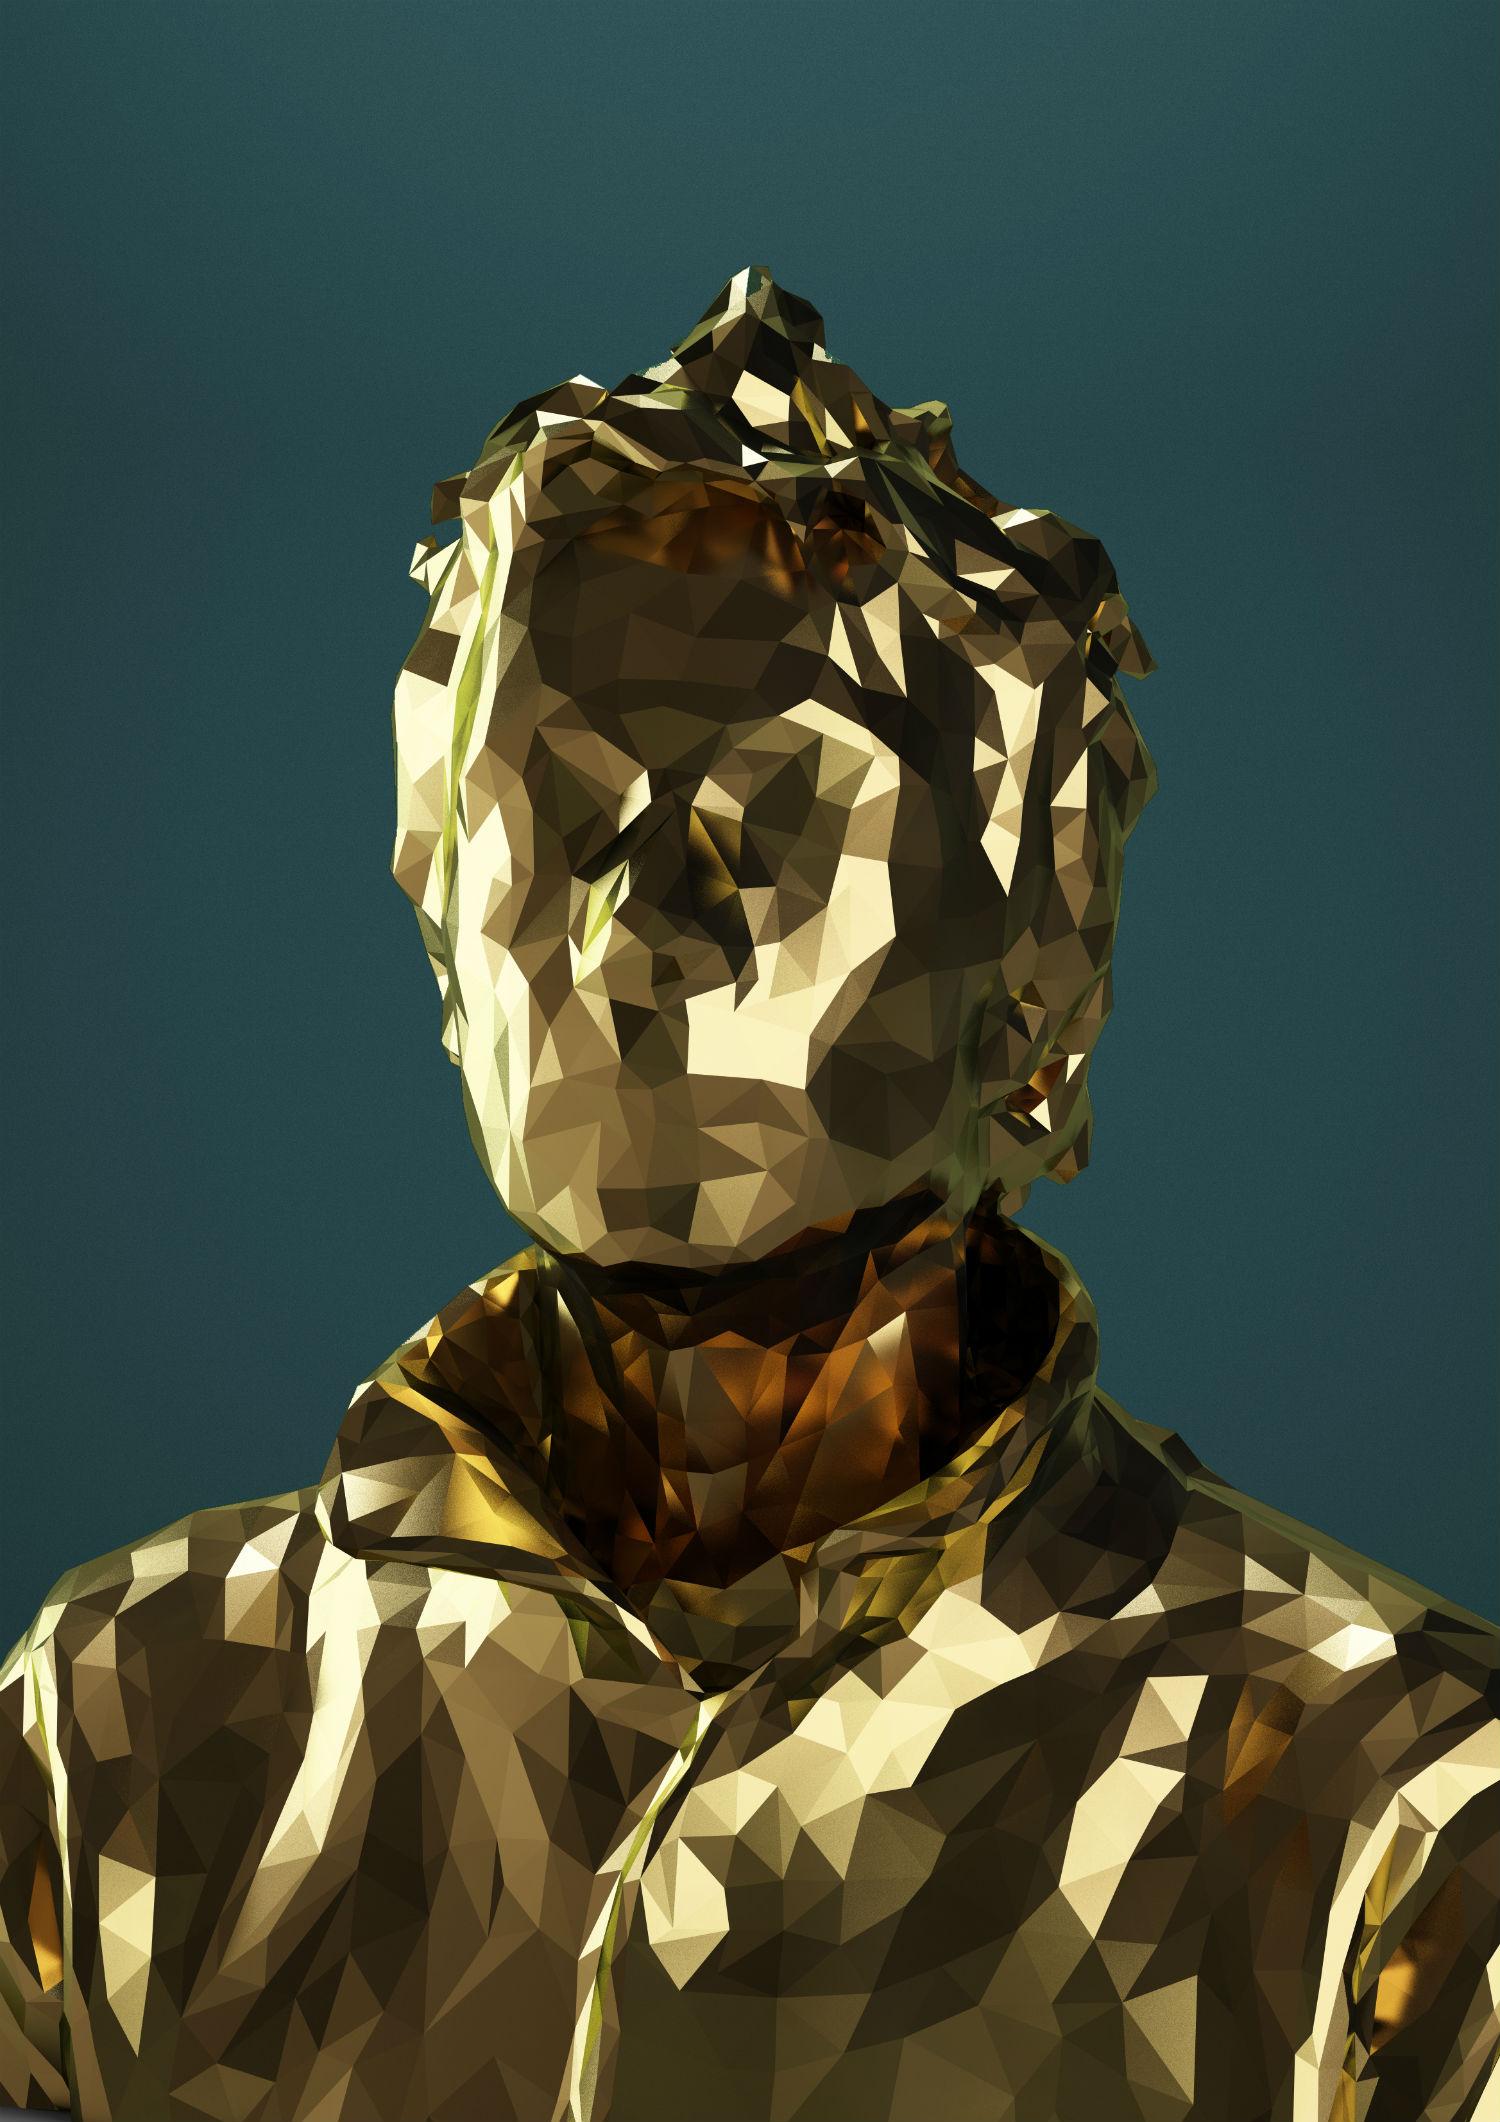 mike pelletier digital sculpture gold portrait